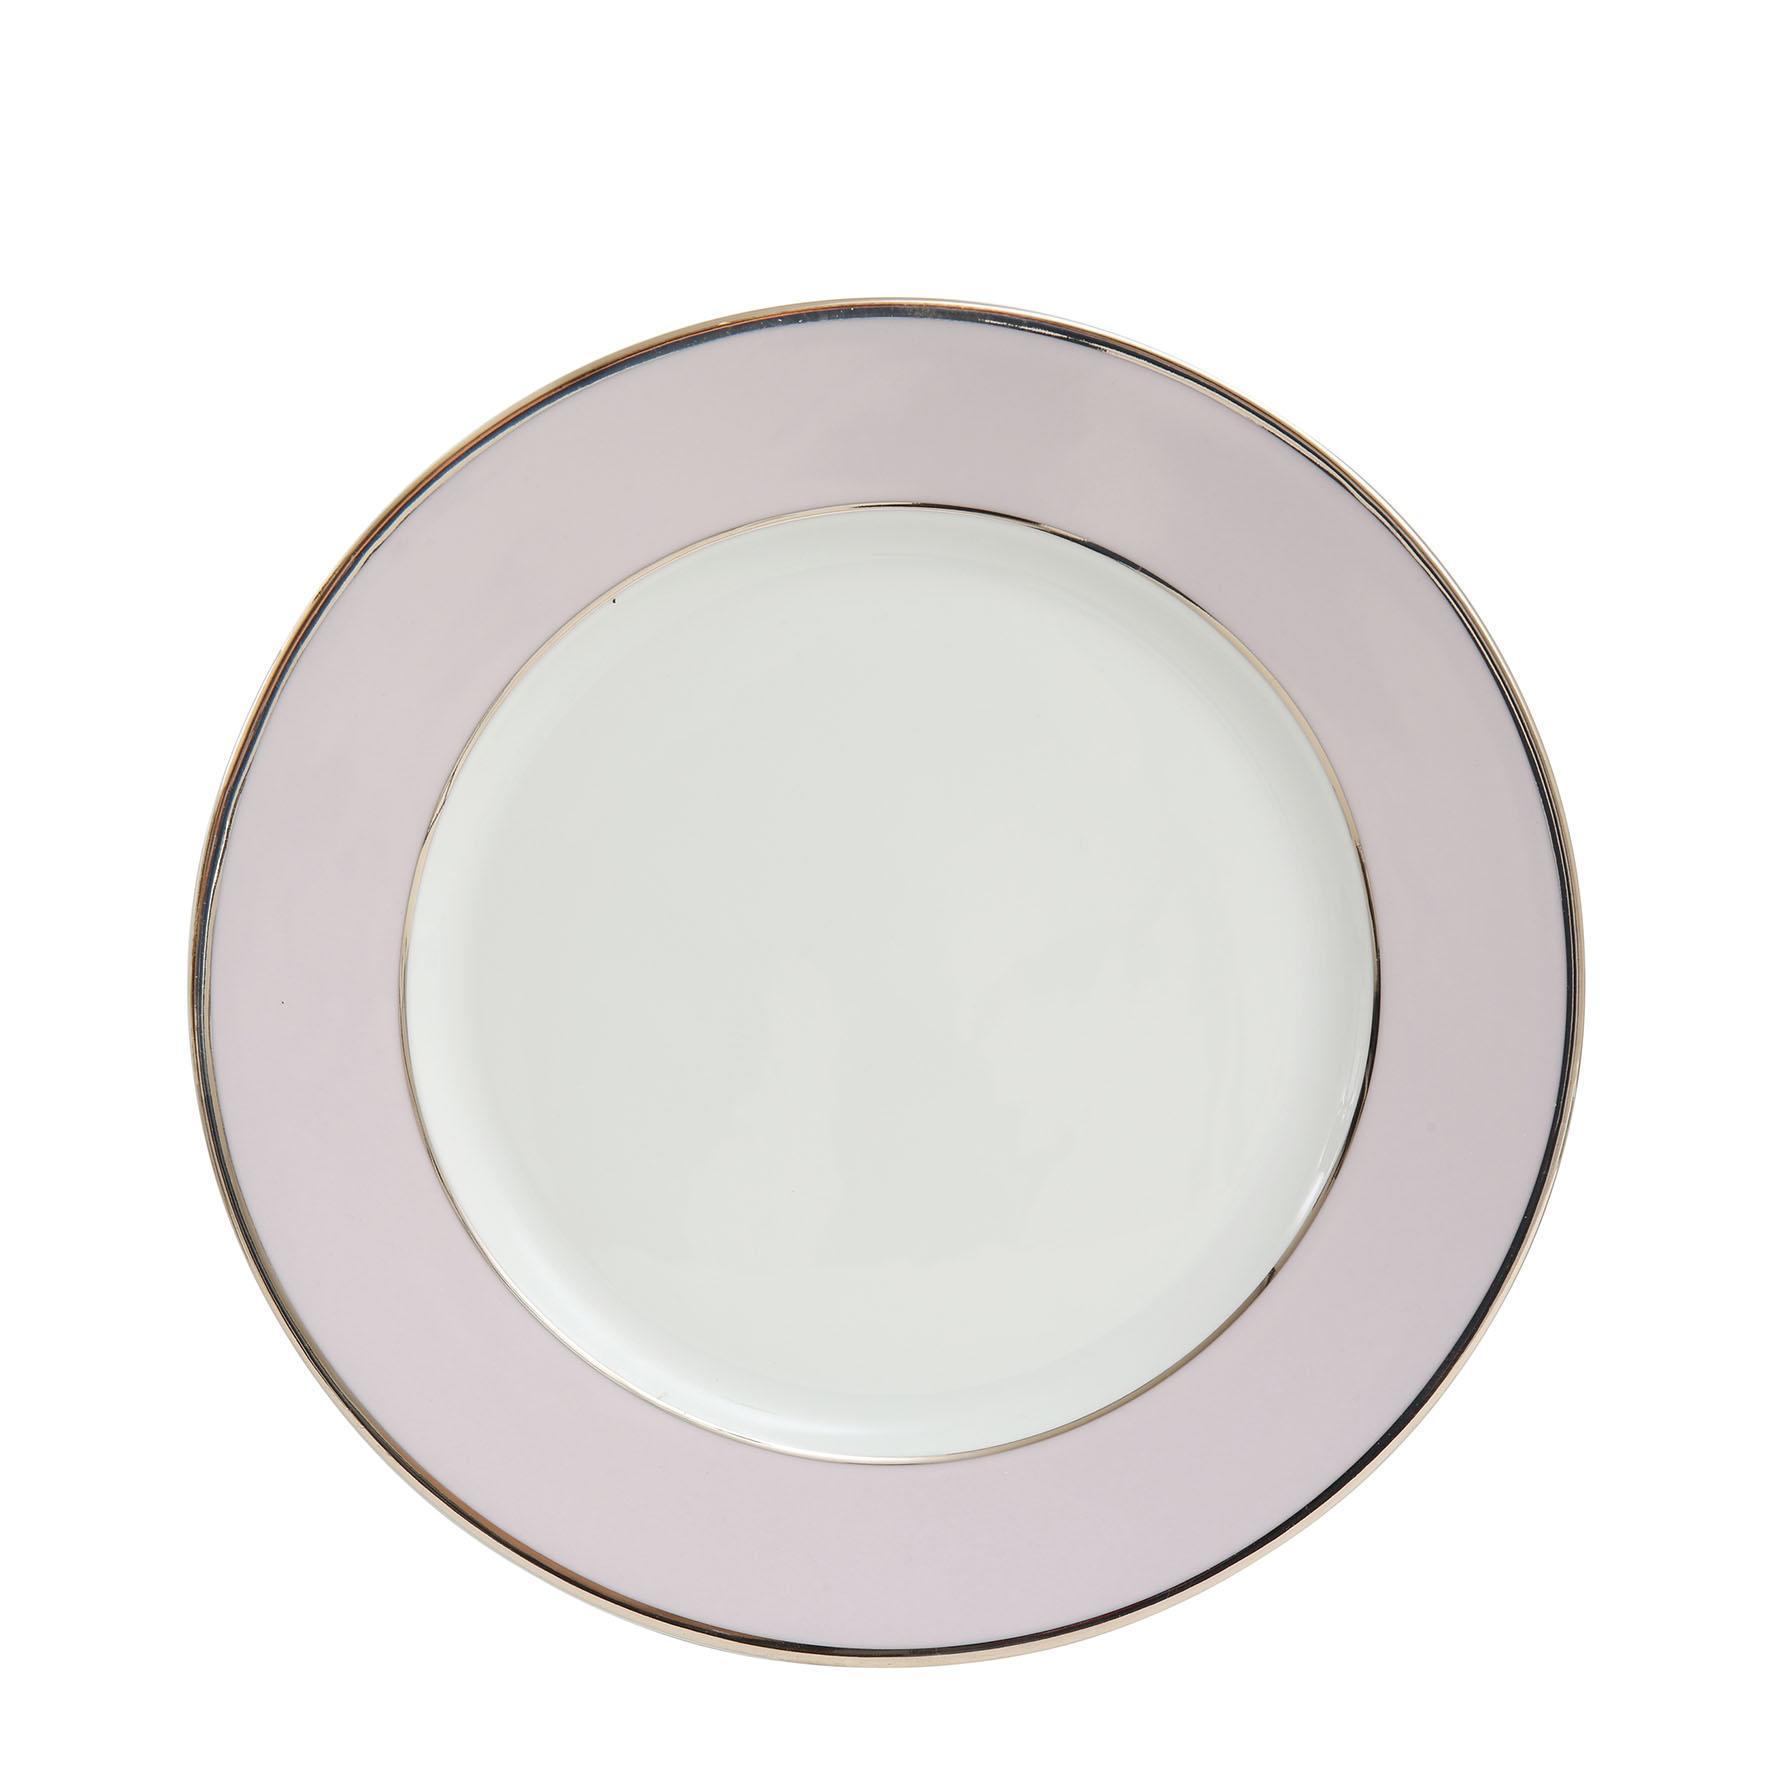 CÔTÉ TABLE Porcelánový talíř Ginger Rose - 27cm, růžová barva, fialová barva, porcelán